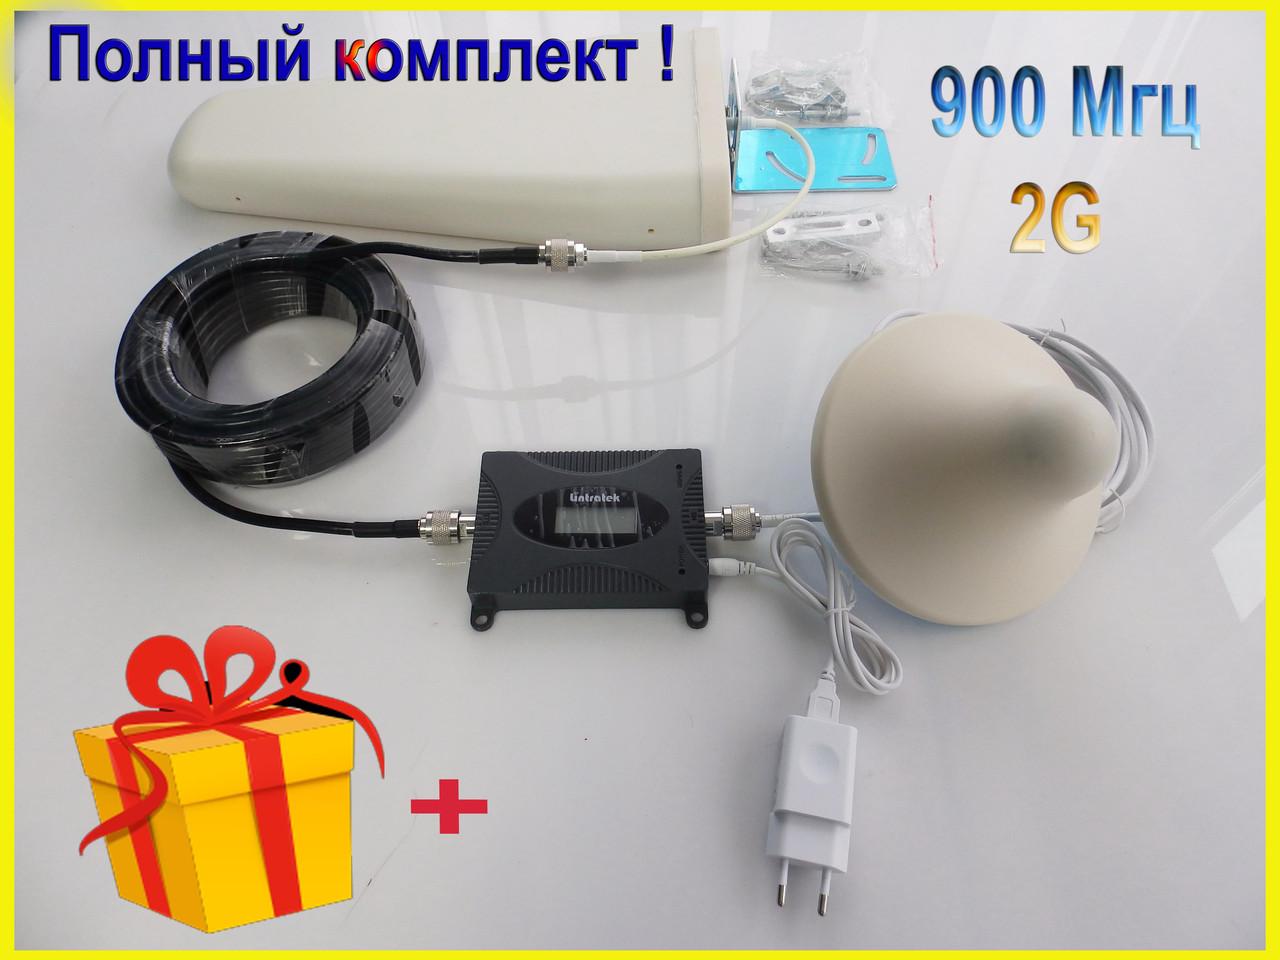 GSM репитер, усилитель сигнала мобильной - сотовой связи LTE. Официально в Украине. Для дачи, дома, офиса